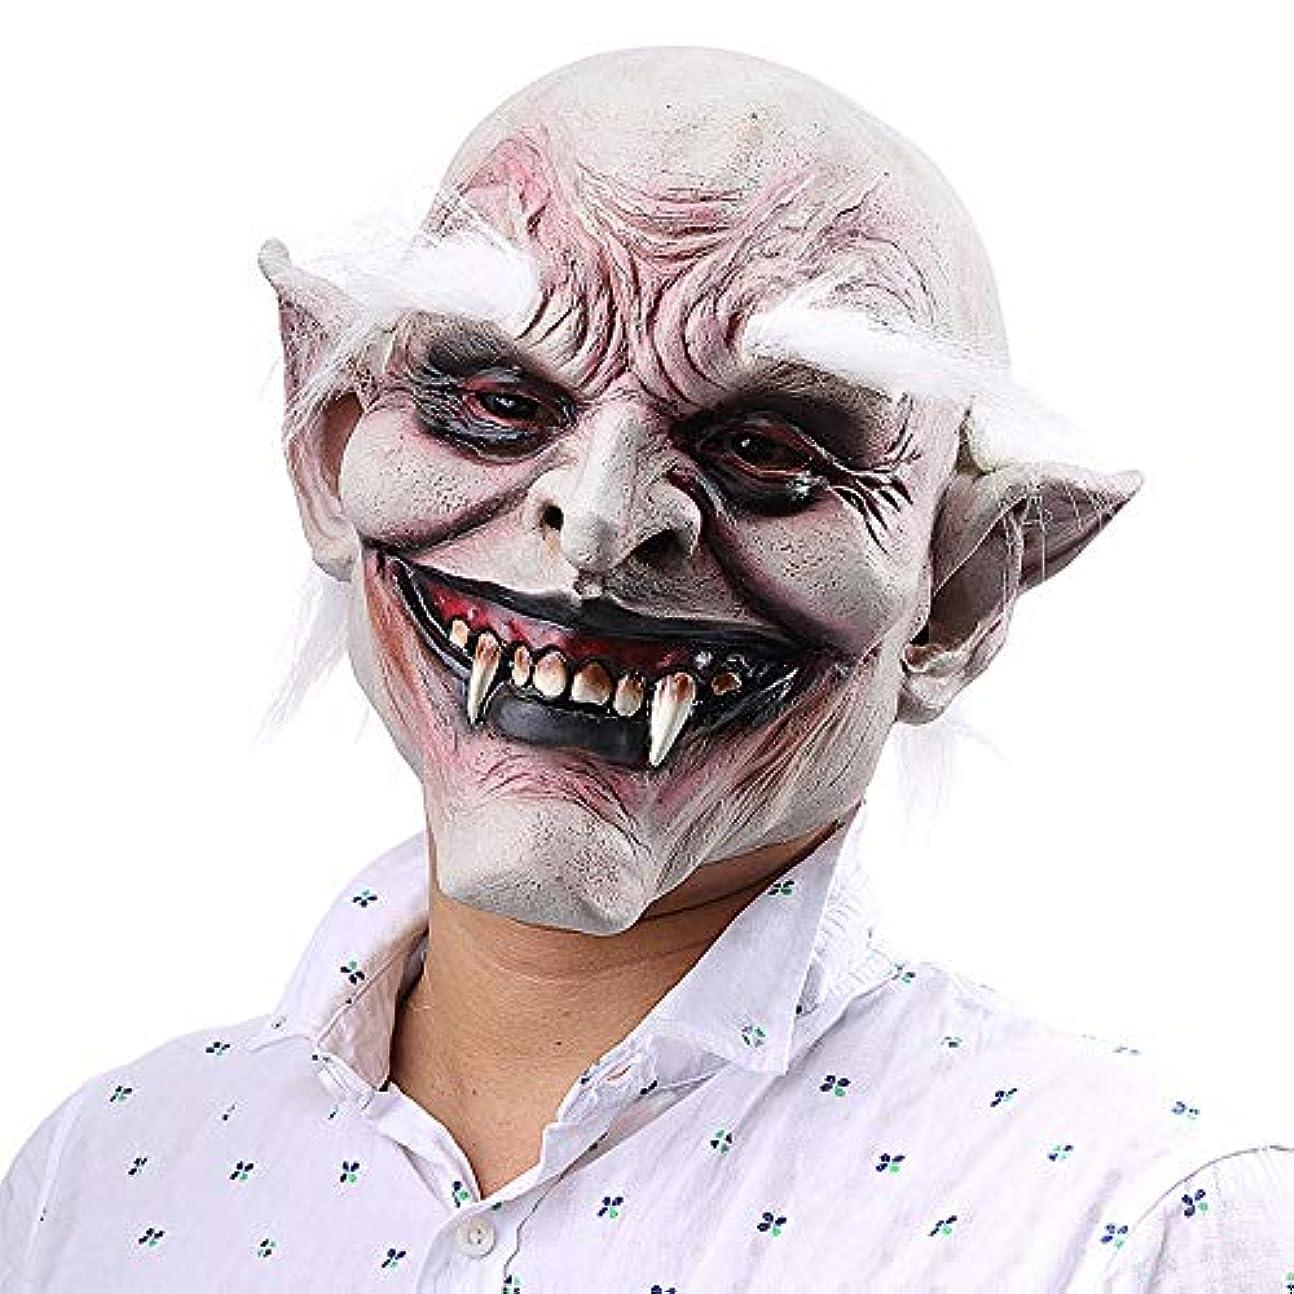 共和国慢性的コミット白閲覧古鬼ハロウィンホラー悪魔マスク吸血鬼対外貿易お化け屋敷ドレッシング小道具ラテックスフード